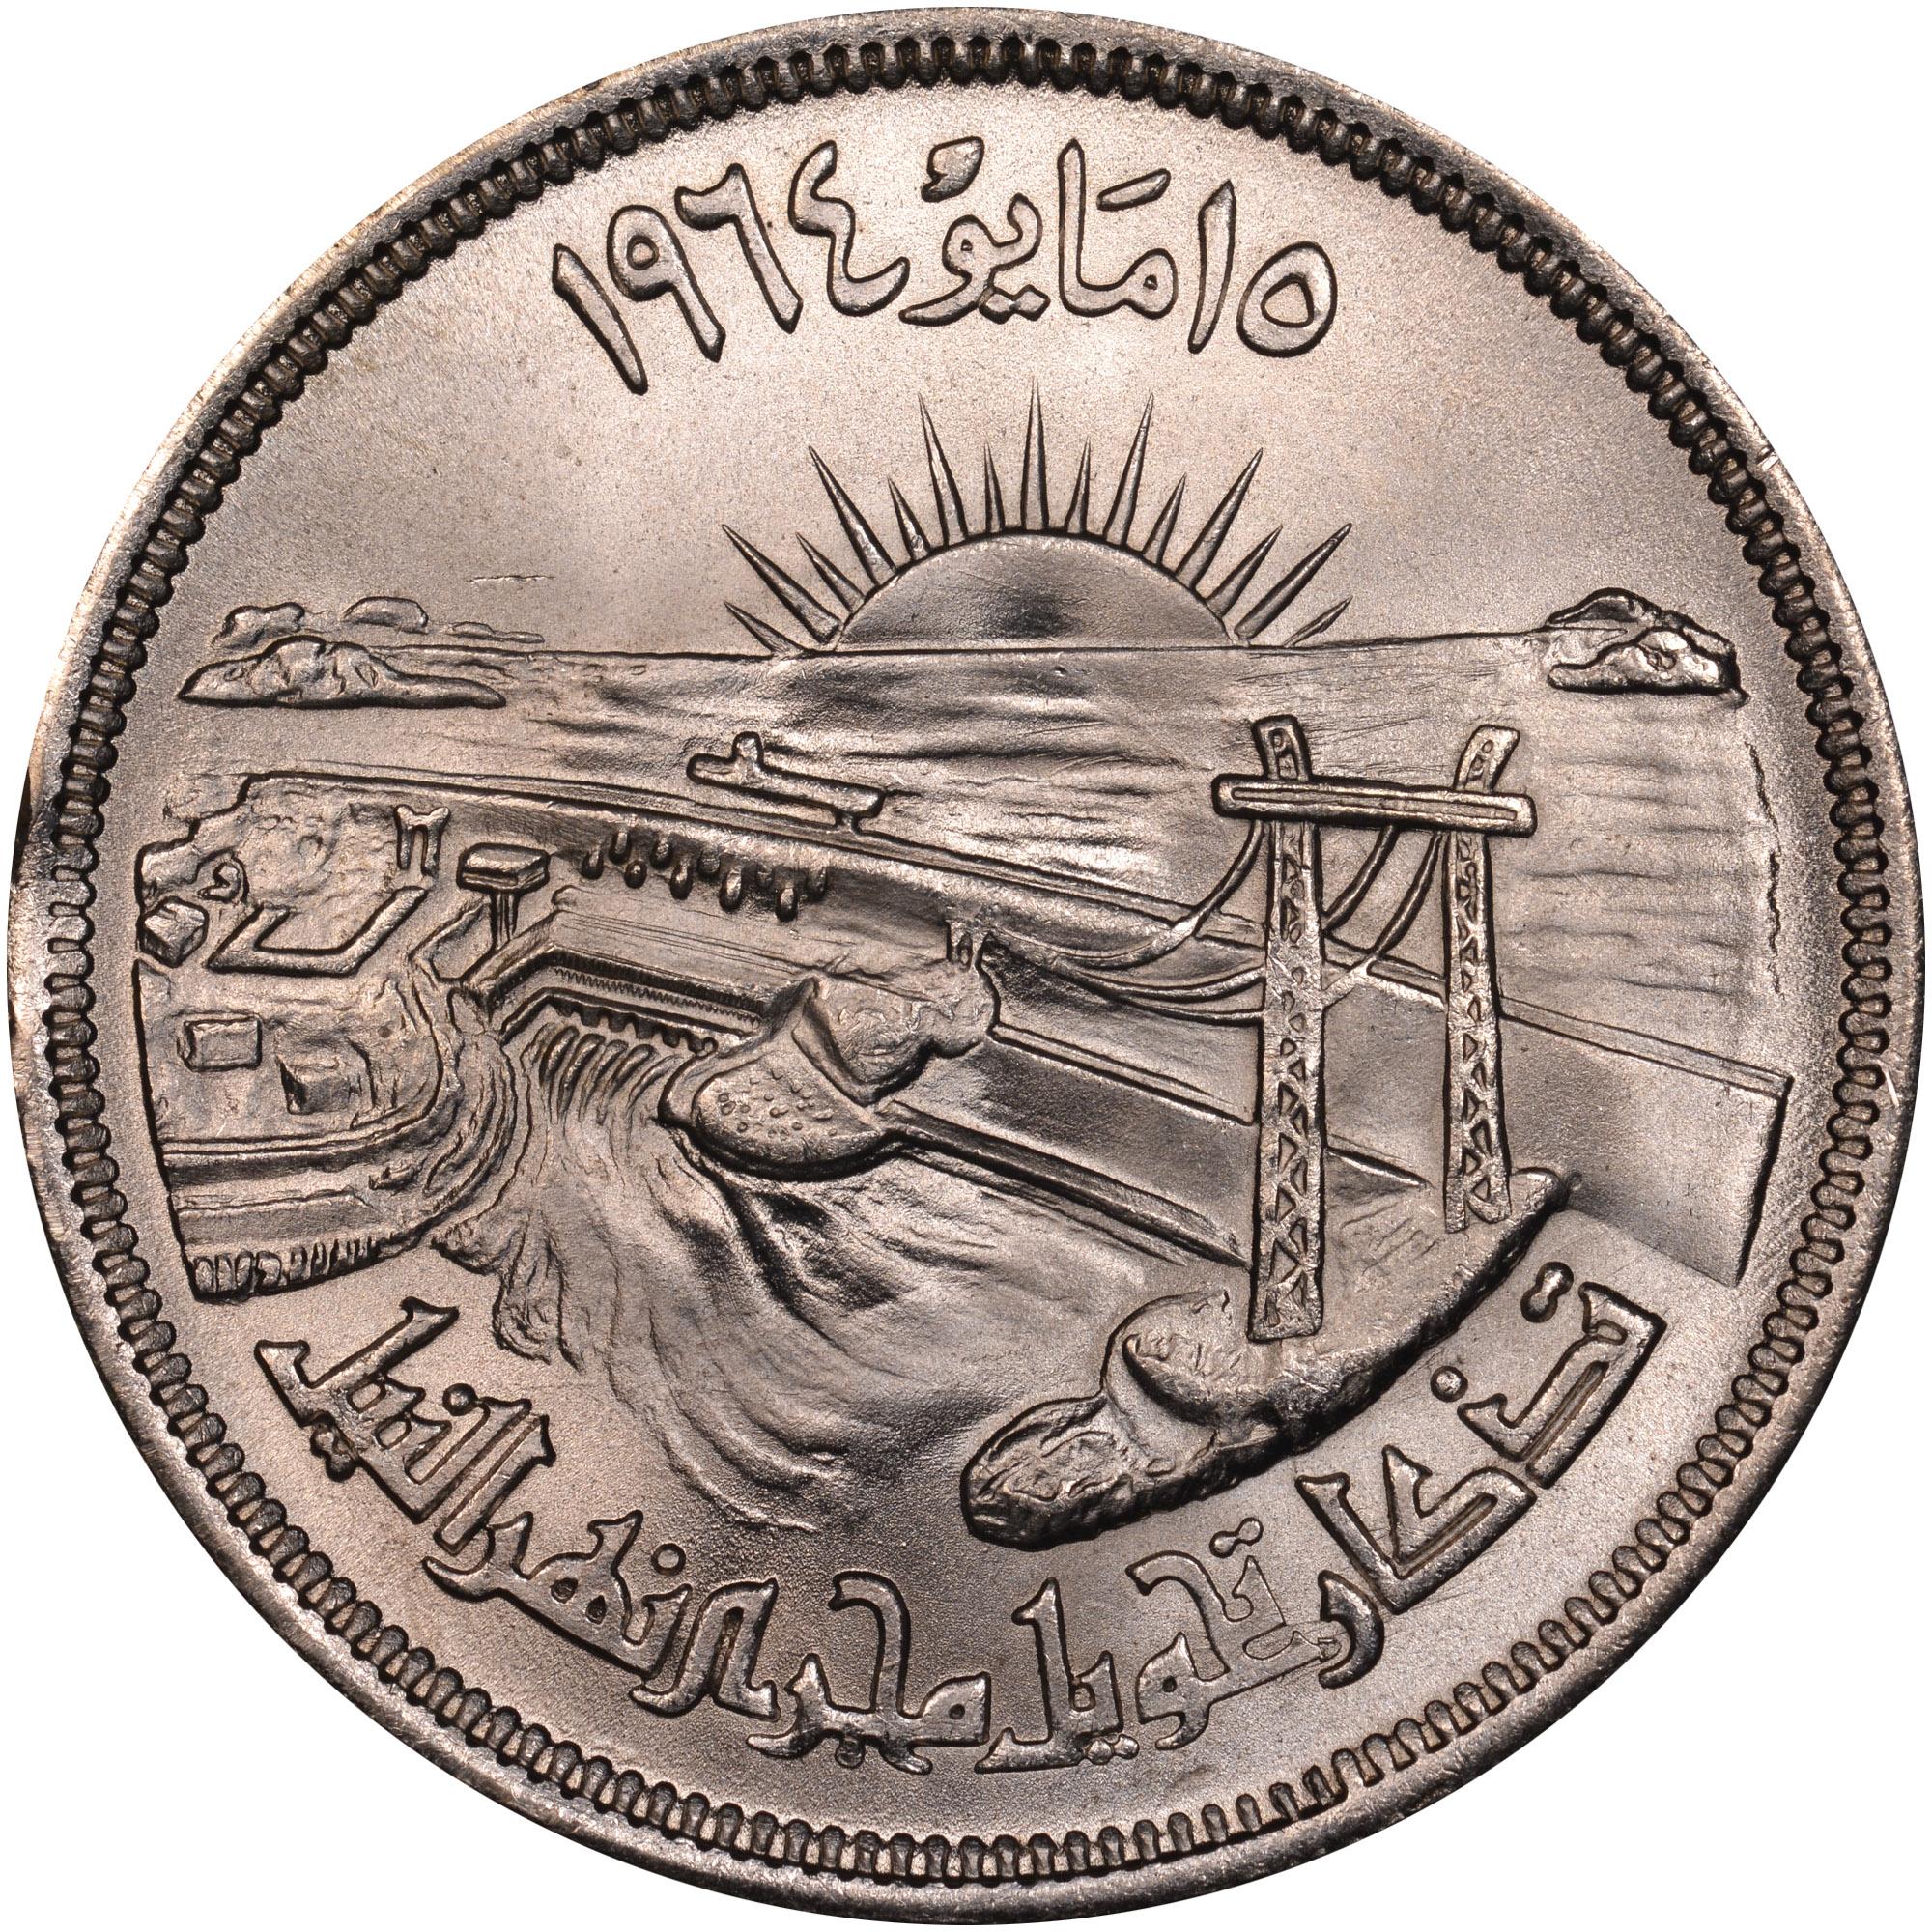 1384-1964 Egypt 50 Piastres reverse